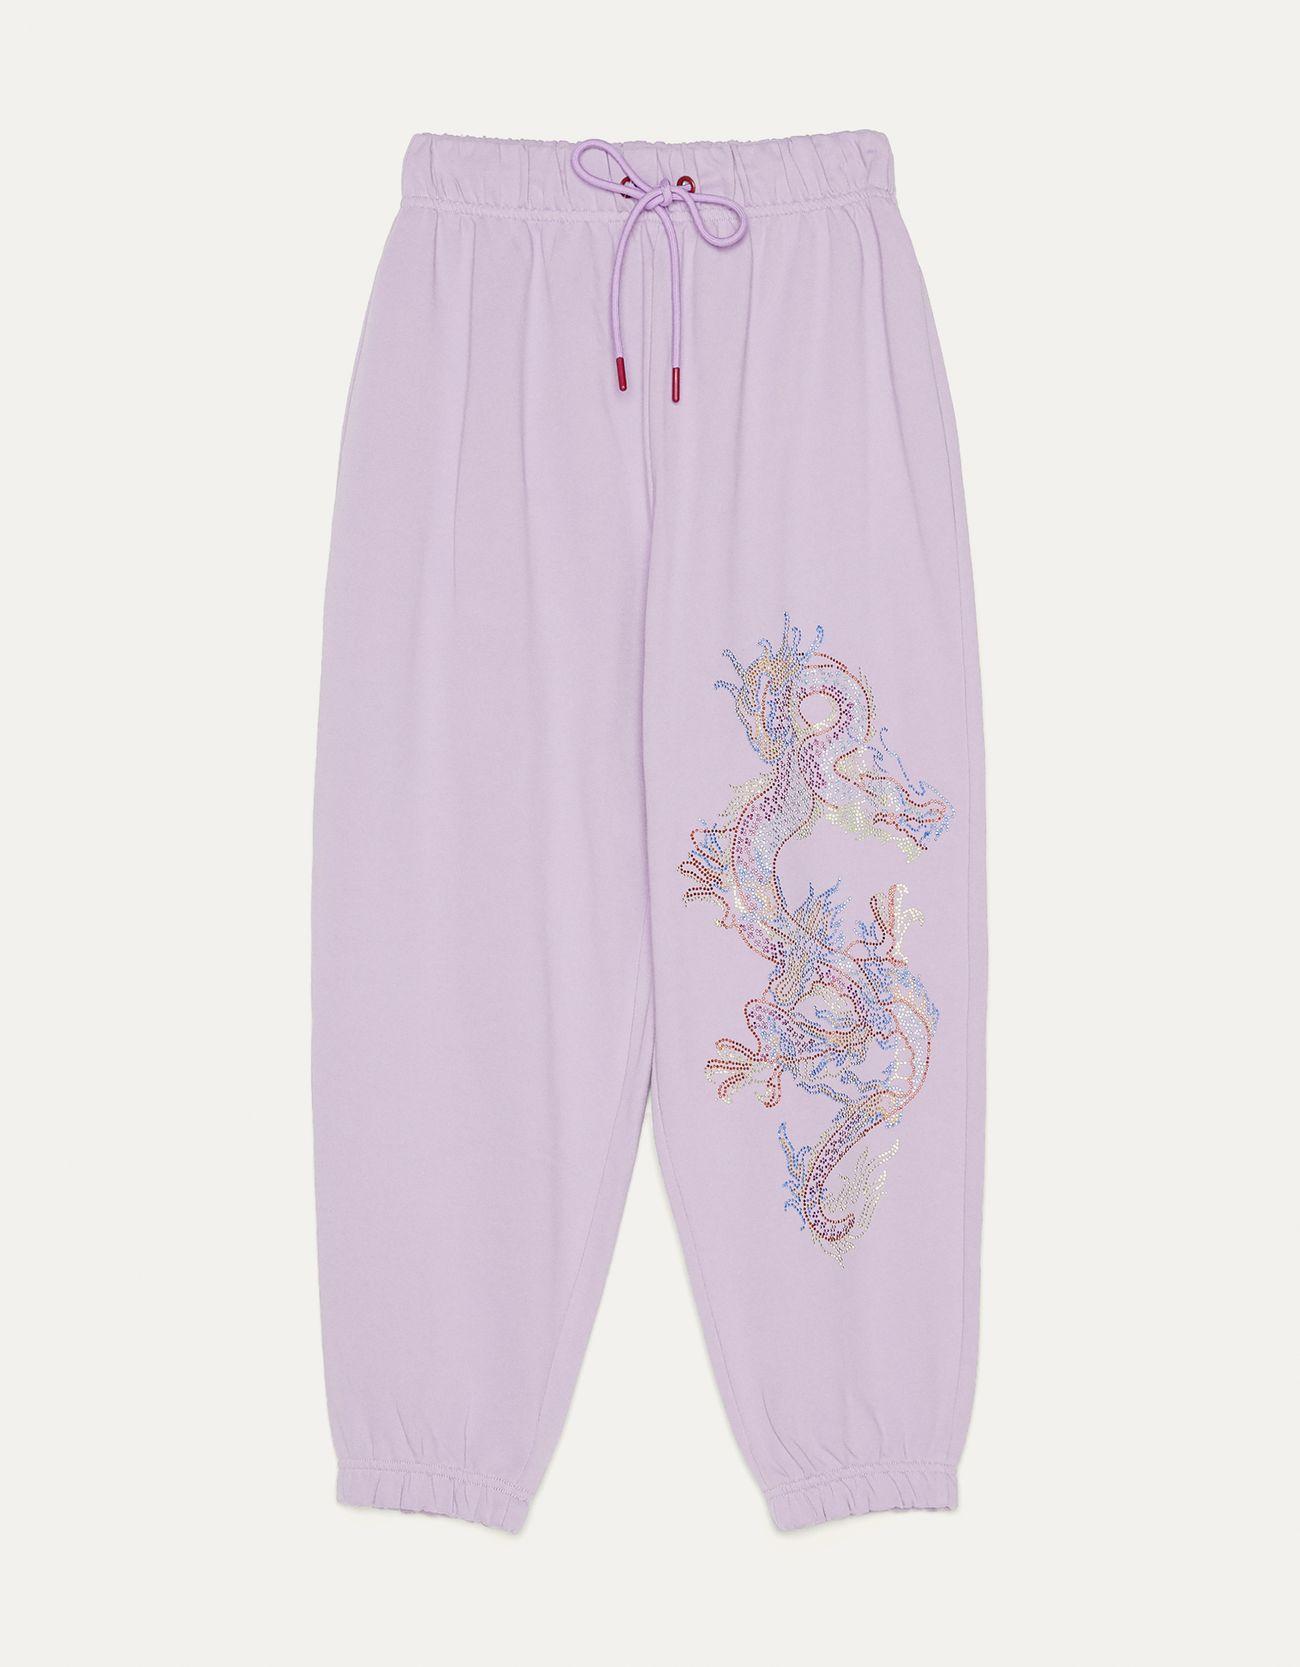 Брюки джоггеры с блестящей деталью «Дракон» Фиолетовый Bershka